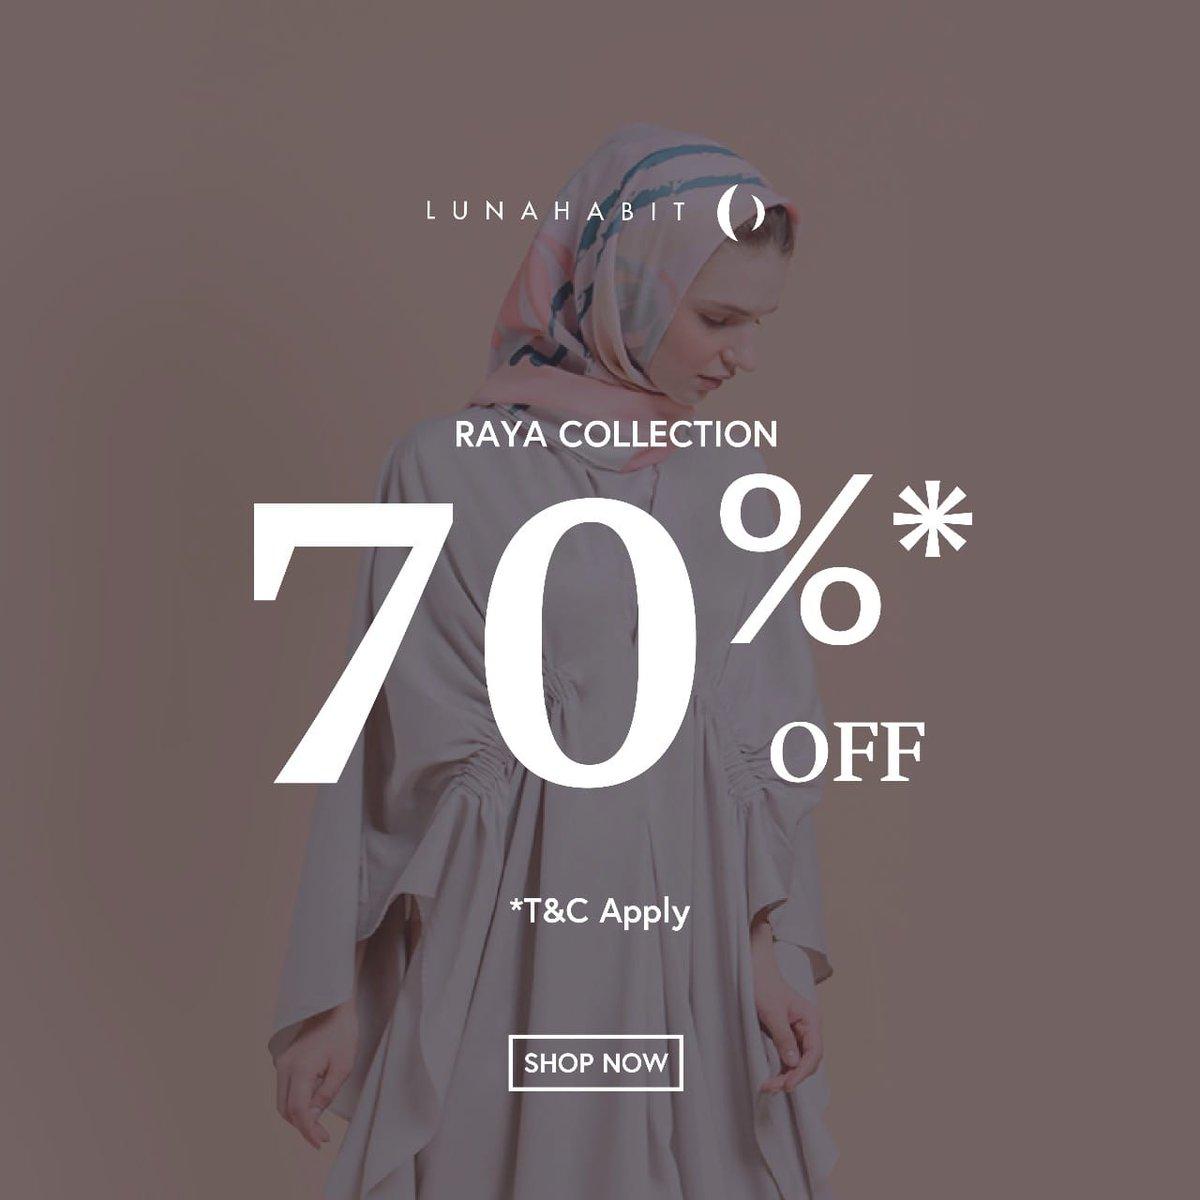 SALE hingga 70% koleksi Ramadan dari @LunaHabit   Shop now 🎉😊